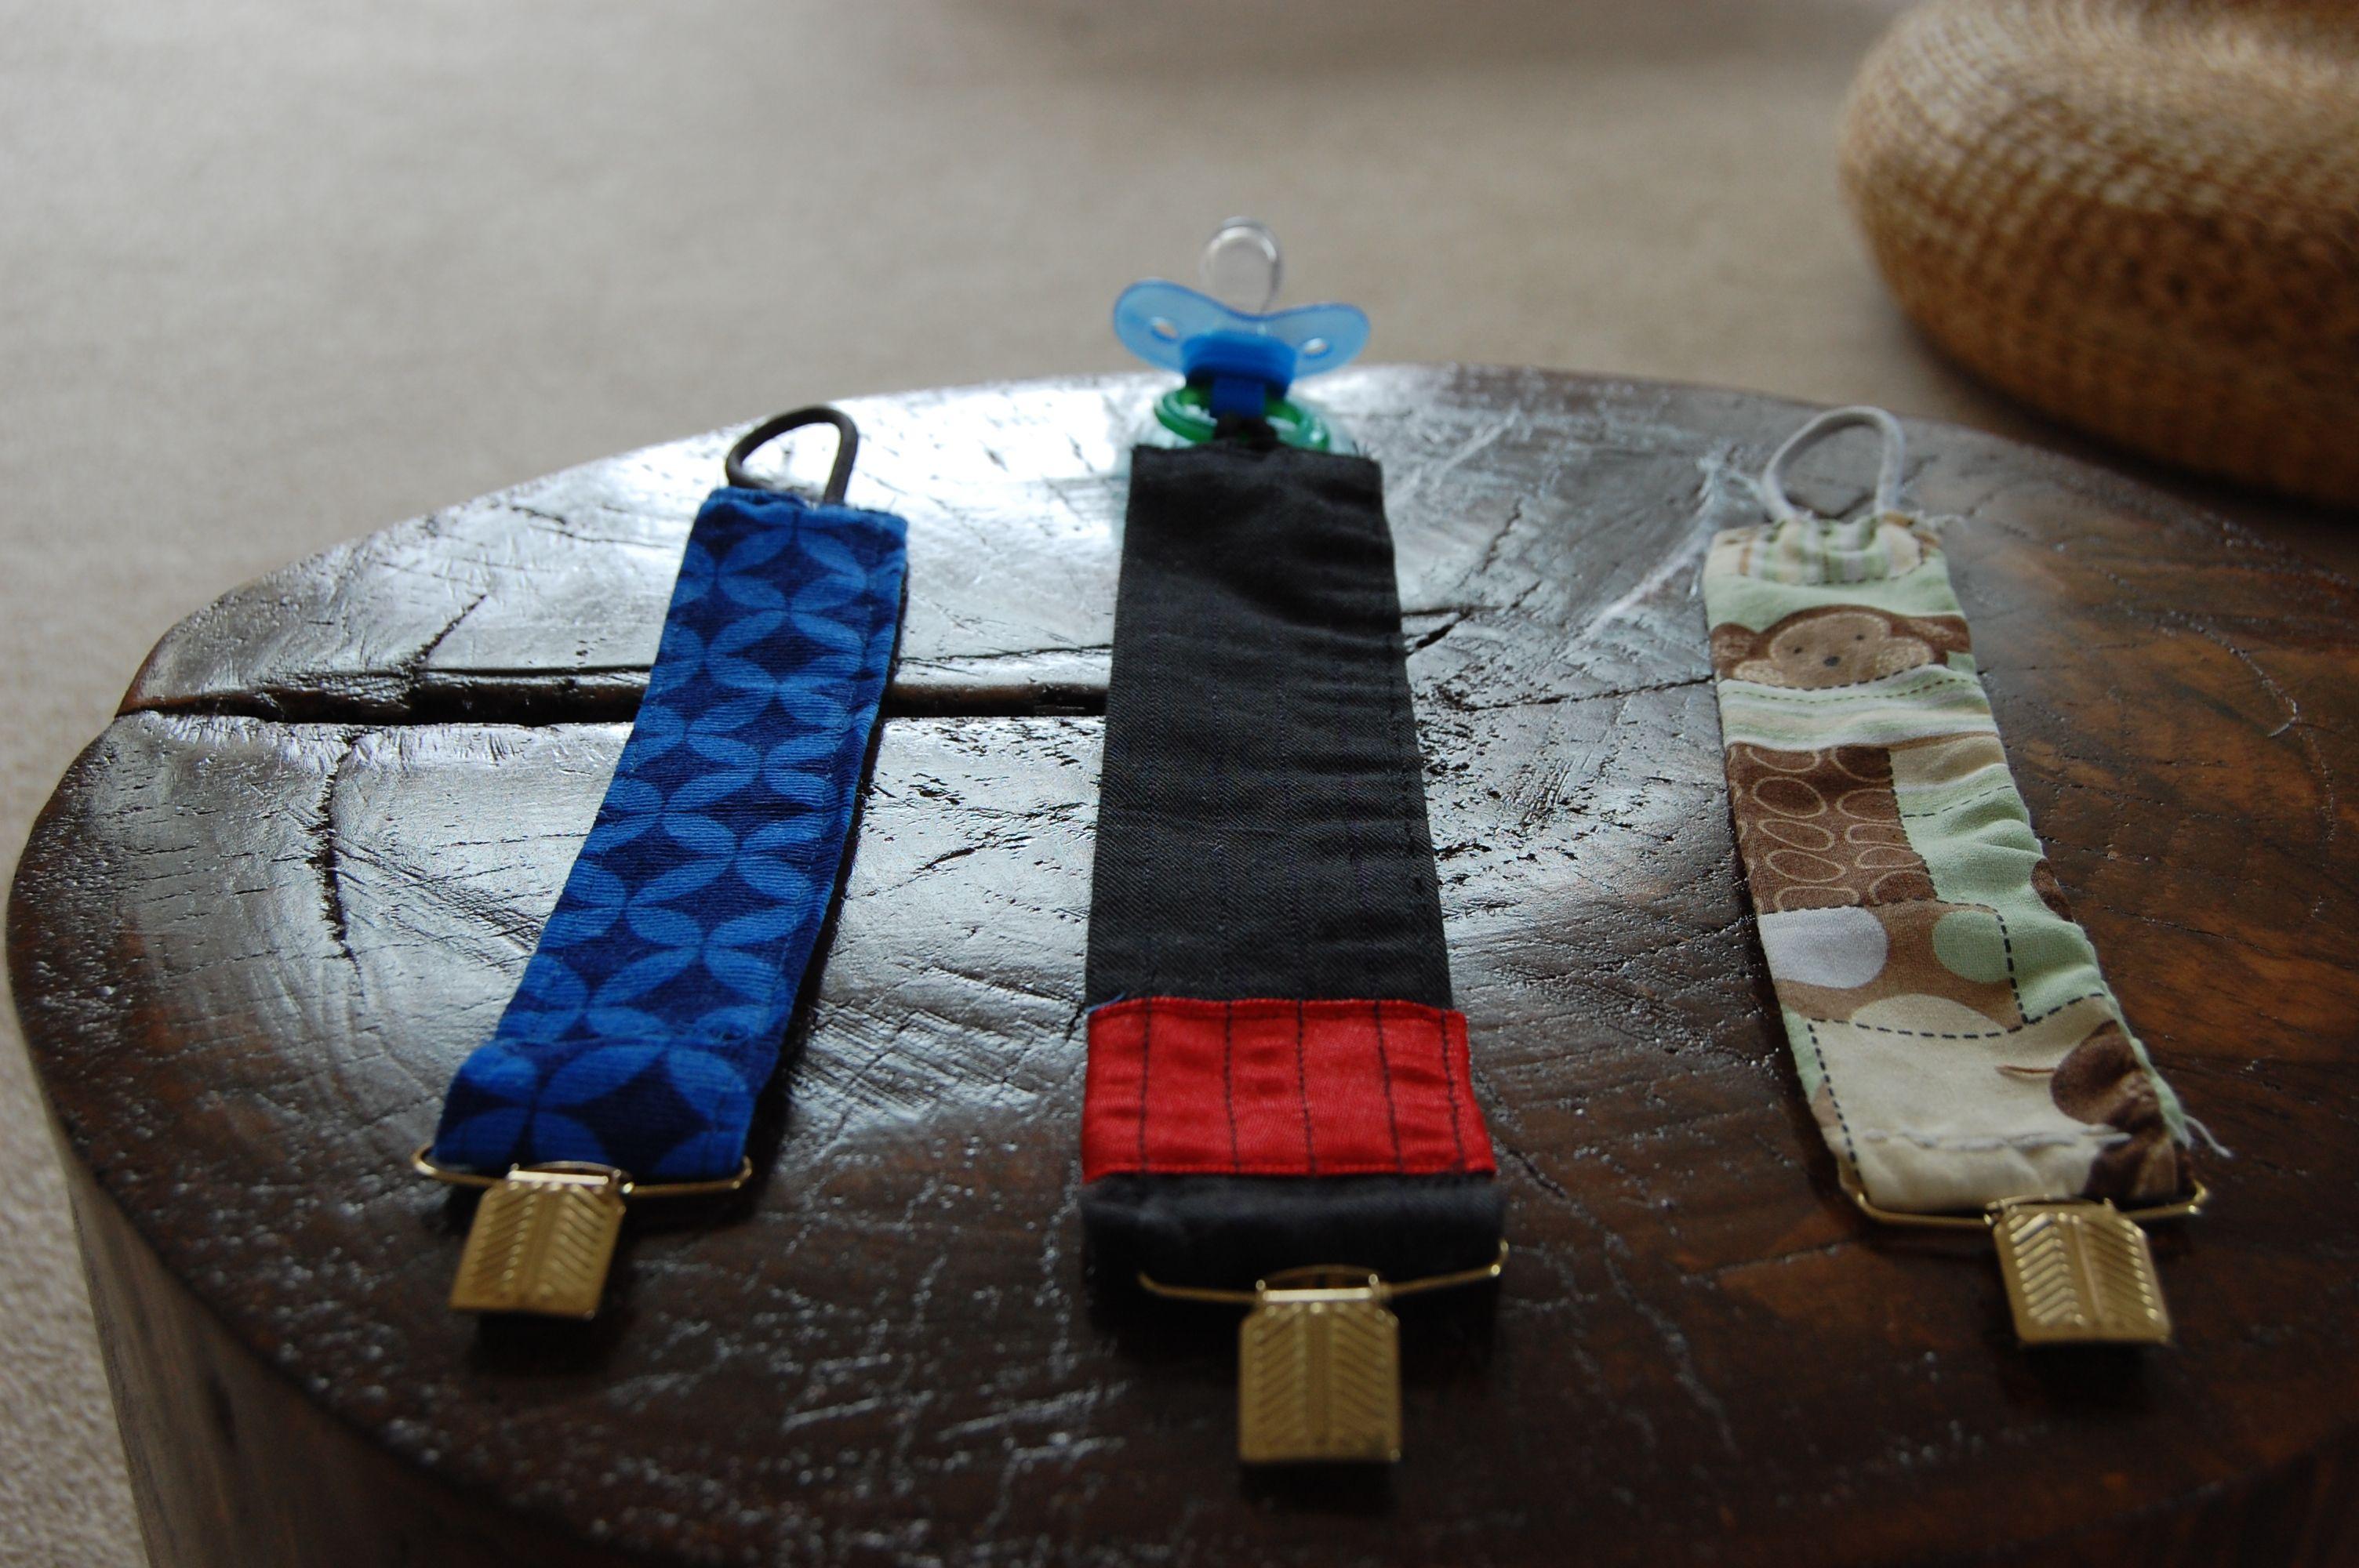 Binki holders I made.